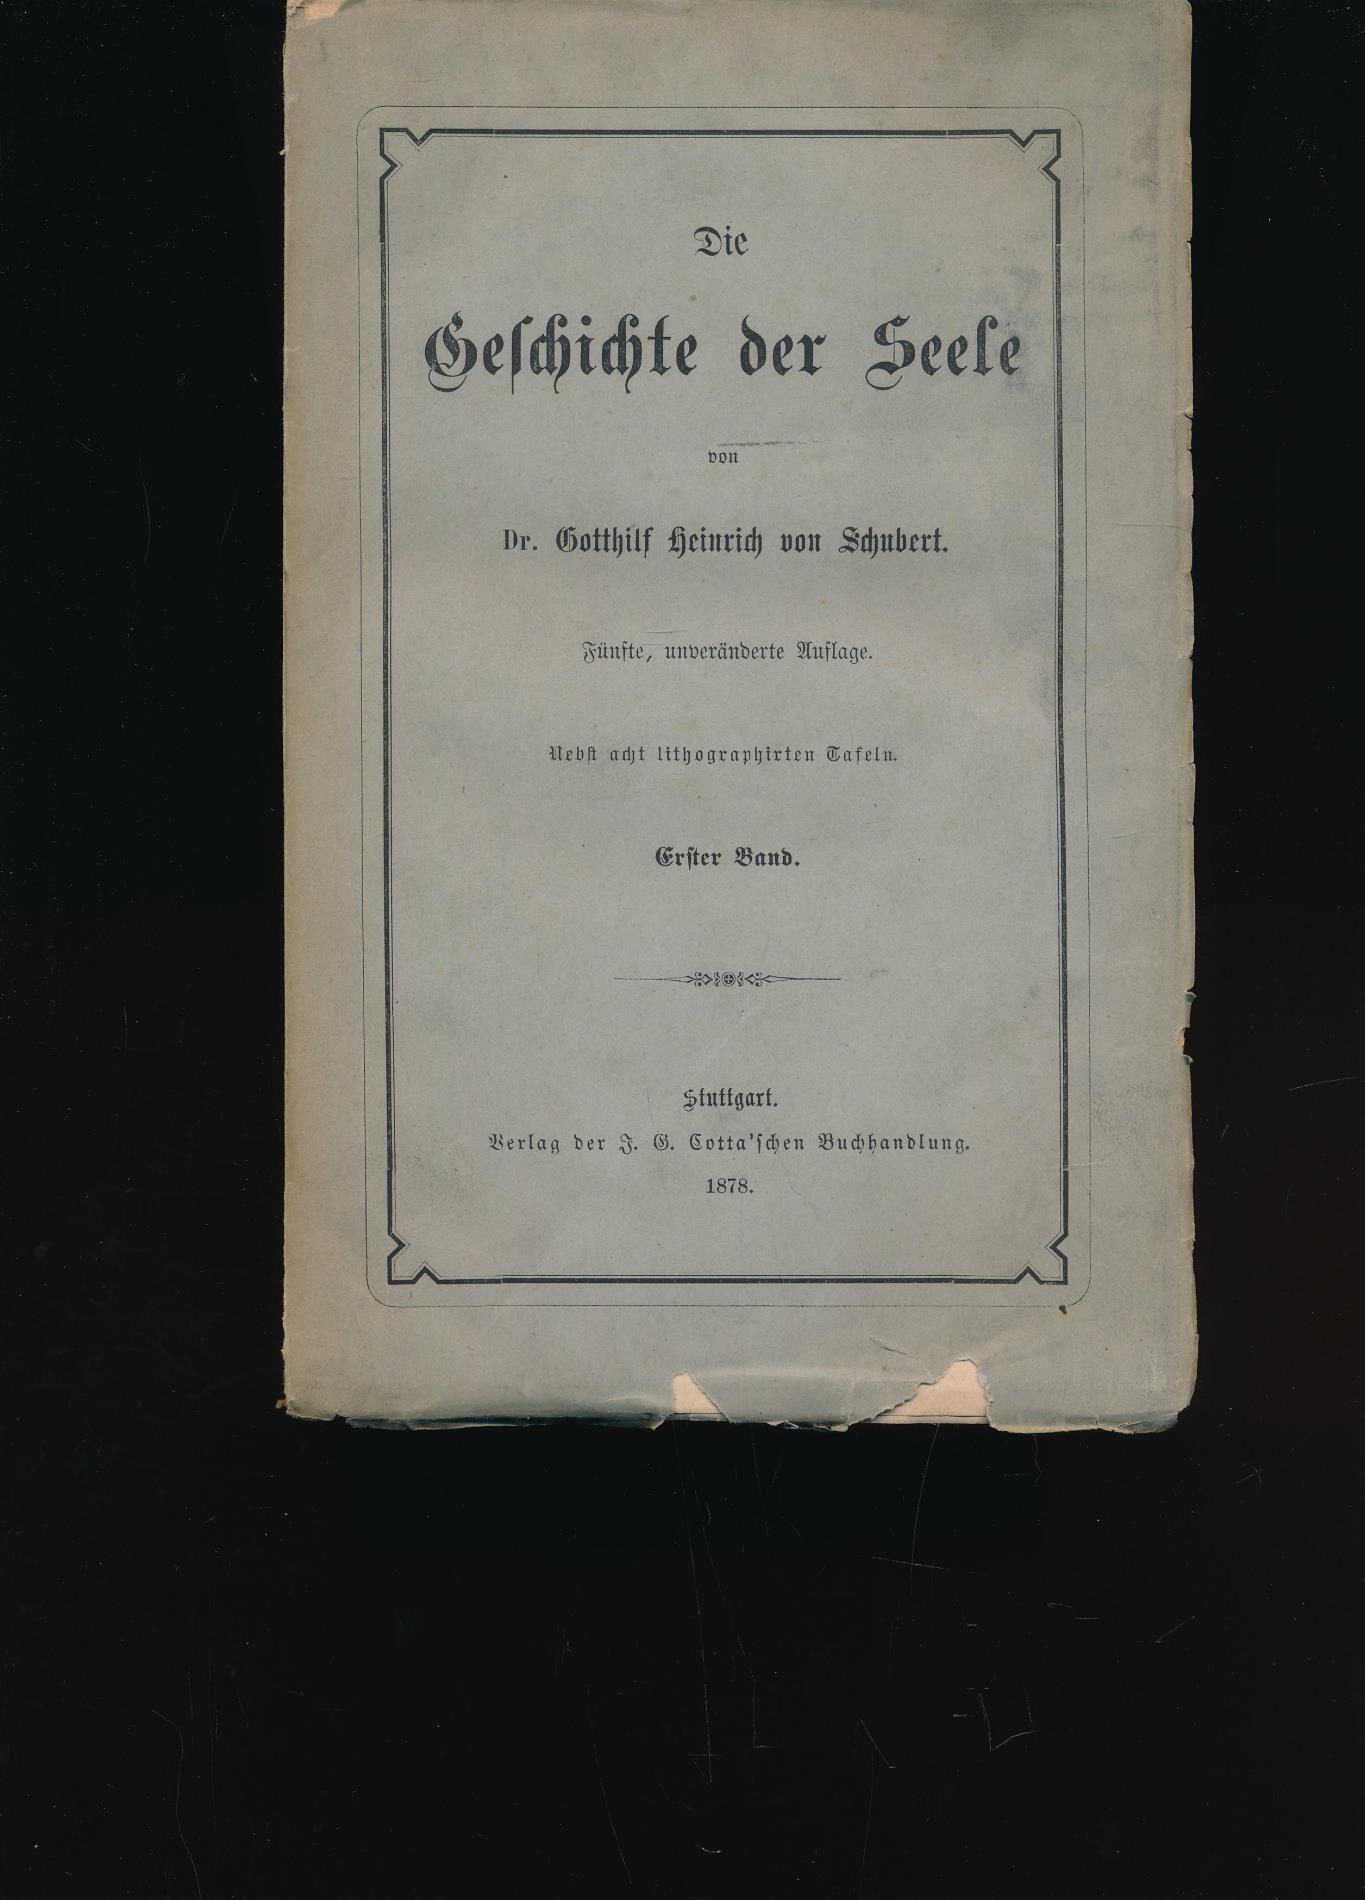 Die Geschichte der Seele, Erster Band,8 Lithographien,8: Schubert, Gotthilf Heinrich